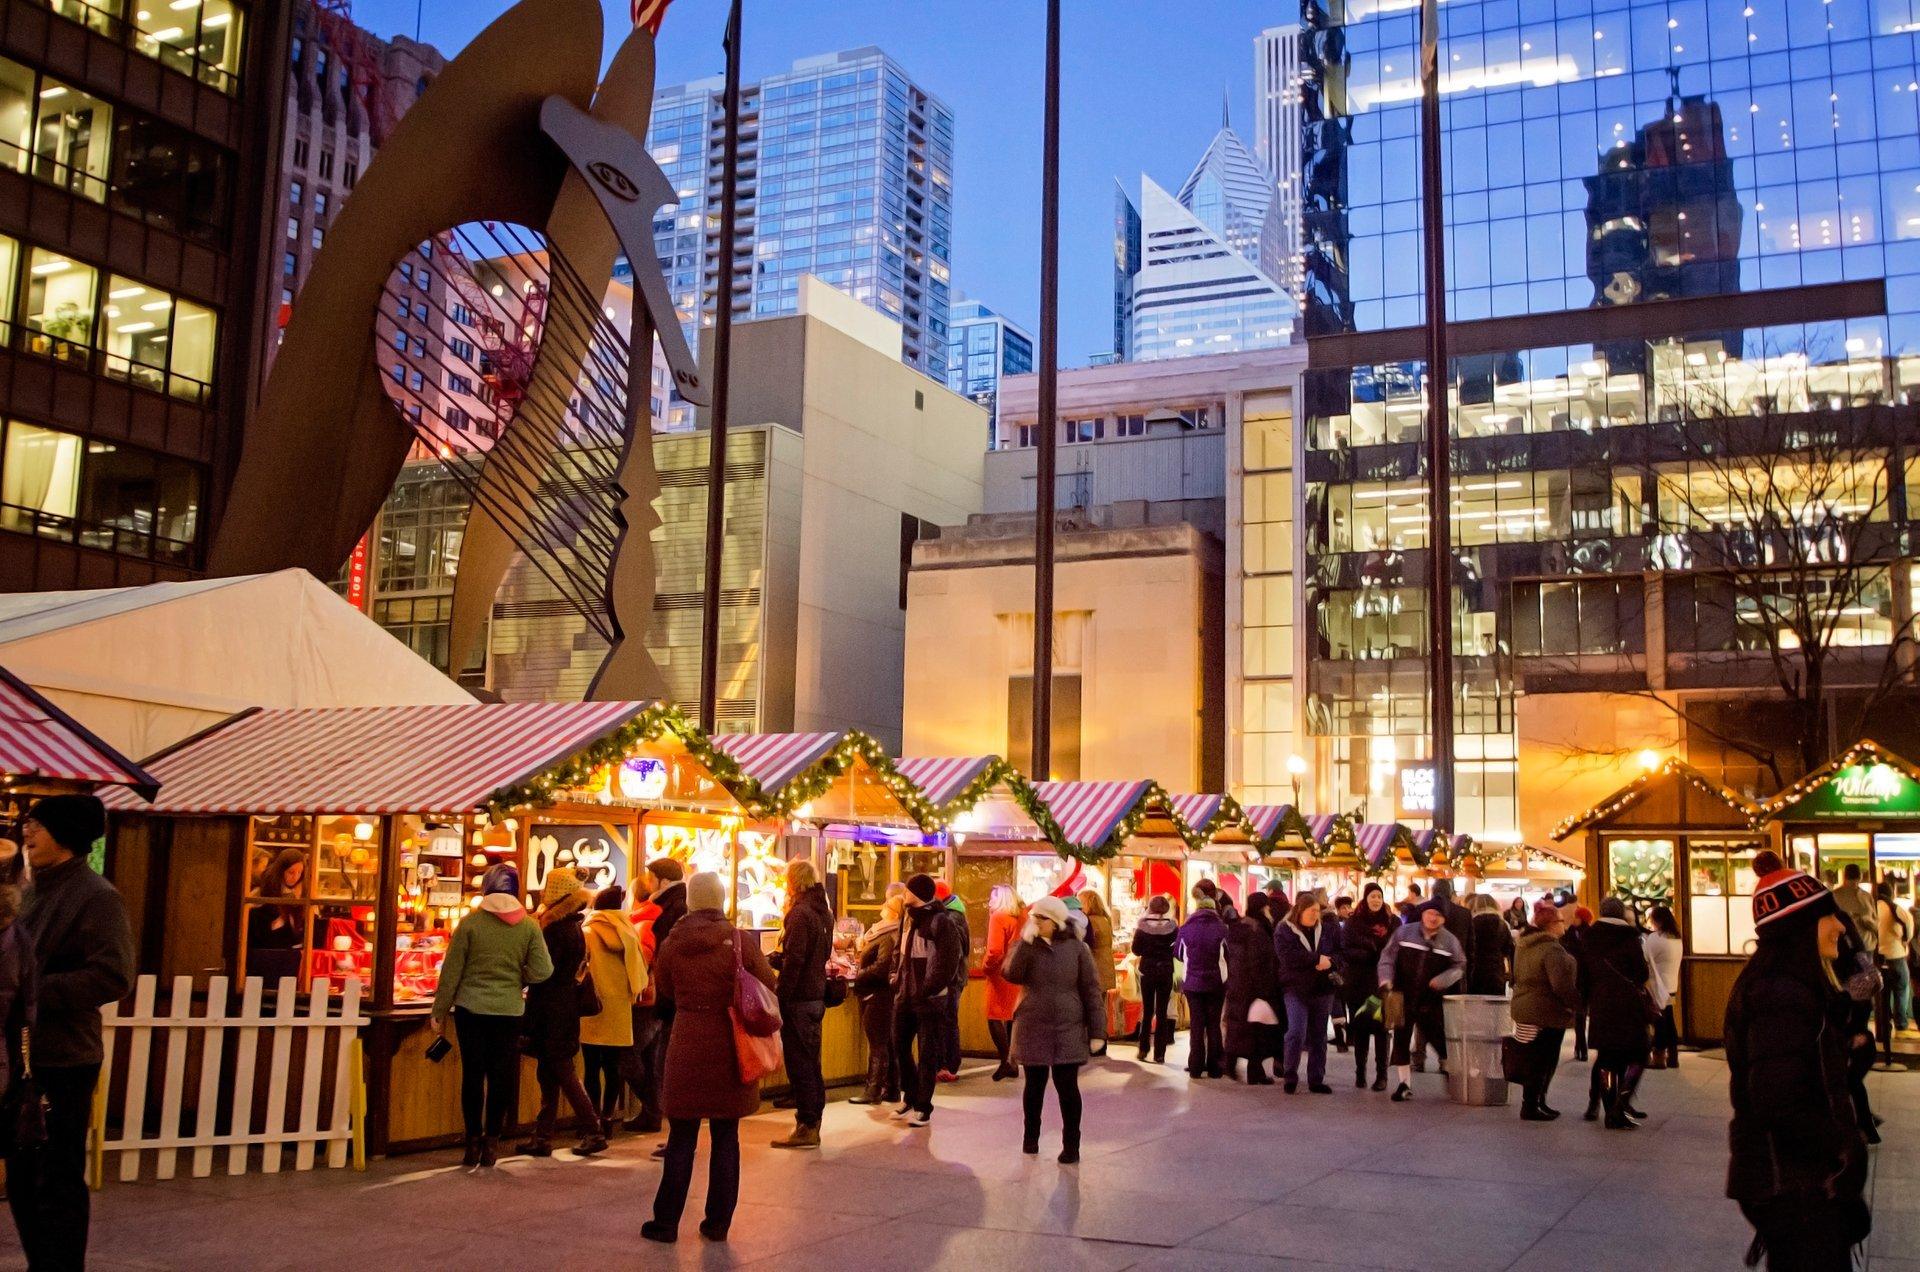 Christkindlmarket Chicago in Chicago - Best Season 2020